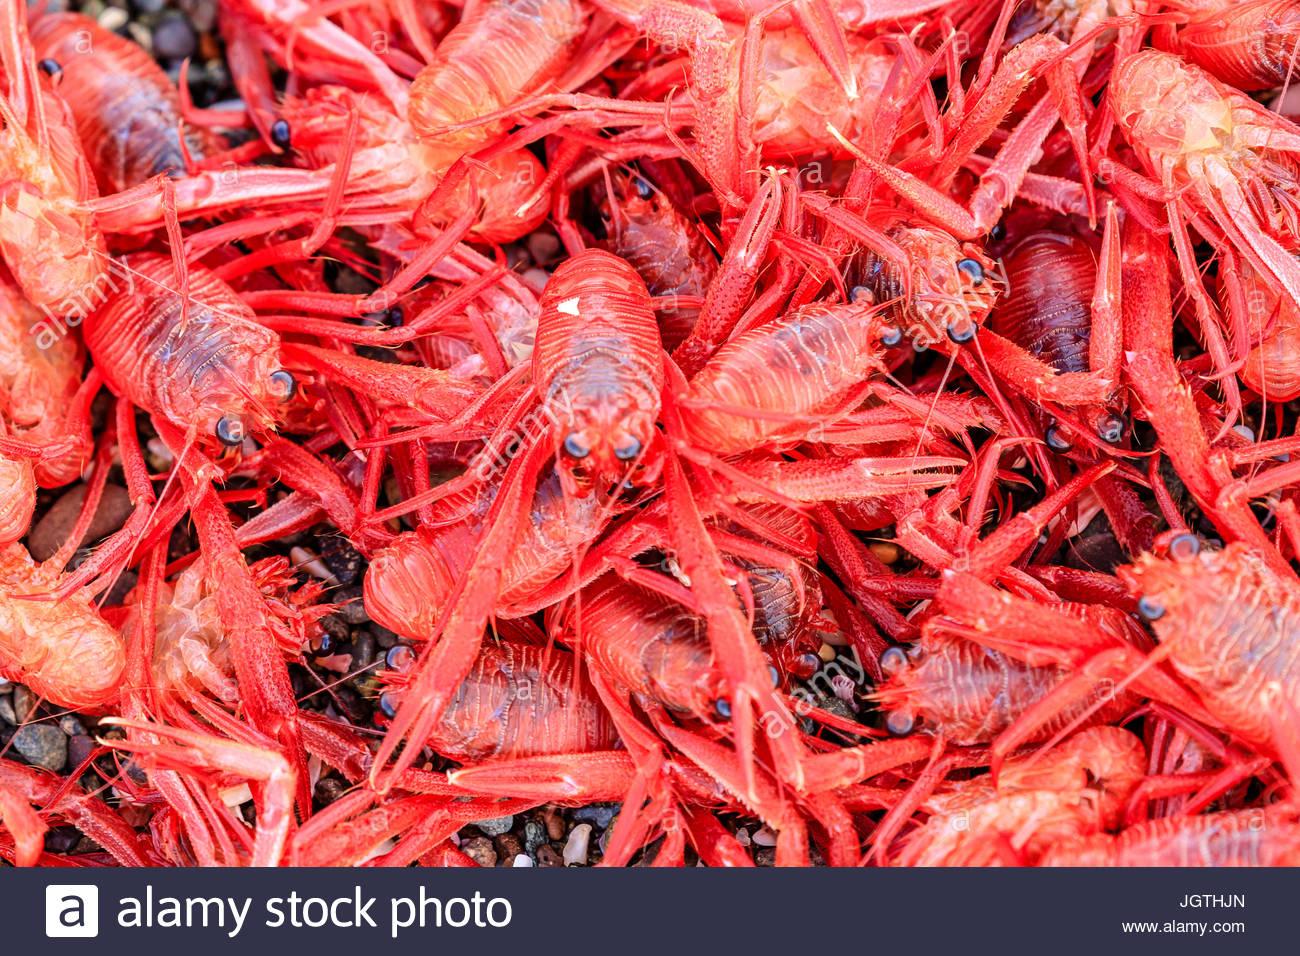 Un gros plan de crabes pélagiques rouge. Photo Stock